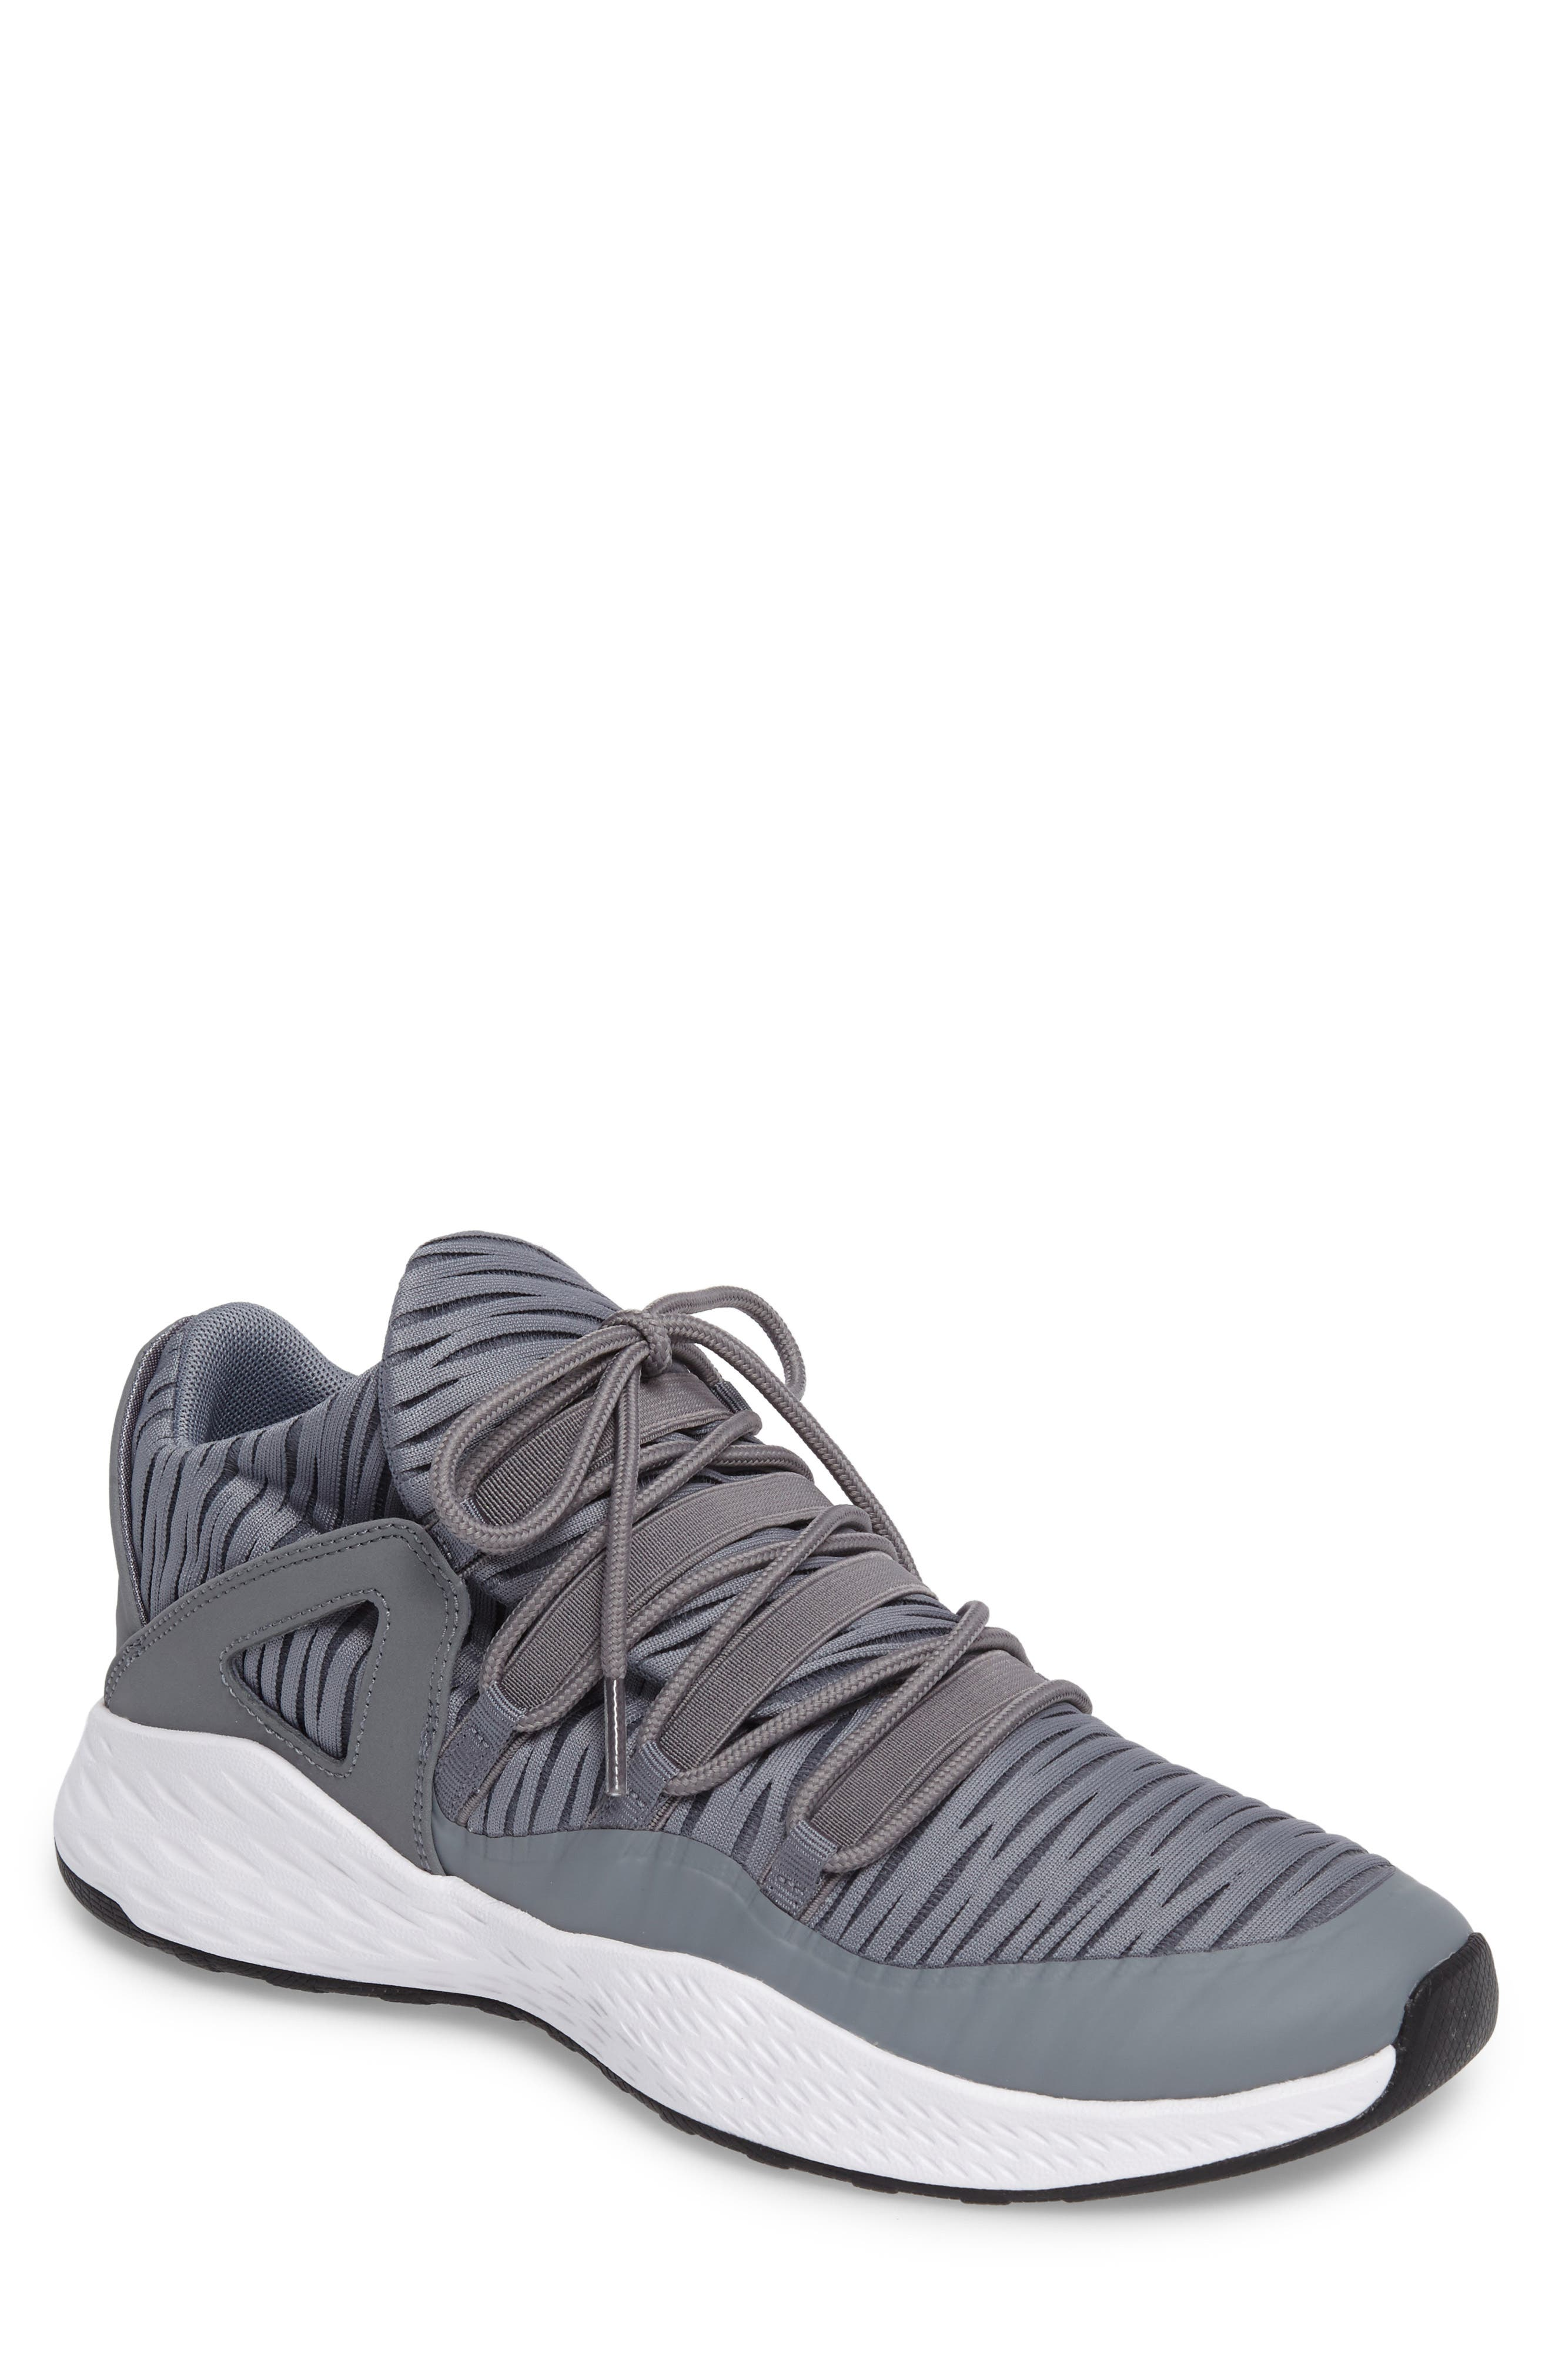 Nike Jordan Formula 23 Low Sneaker (Men)